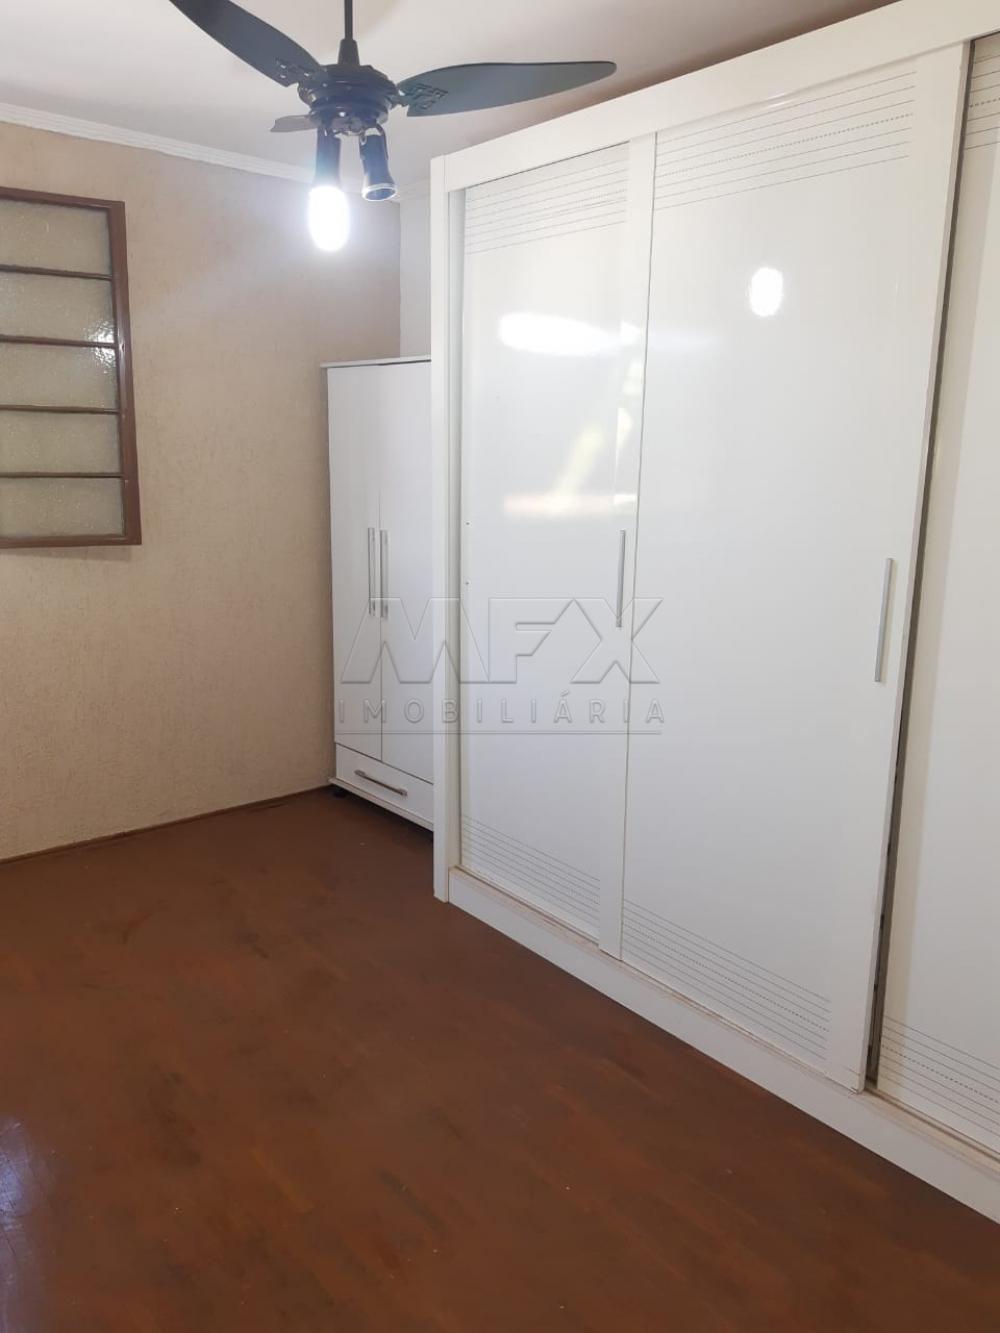 Comprar Apartamento / Padrão em Bauru R$ 154.000,00 - Foto 2